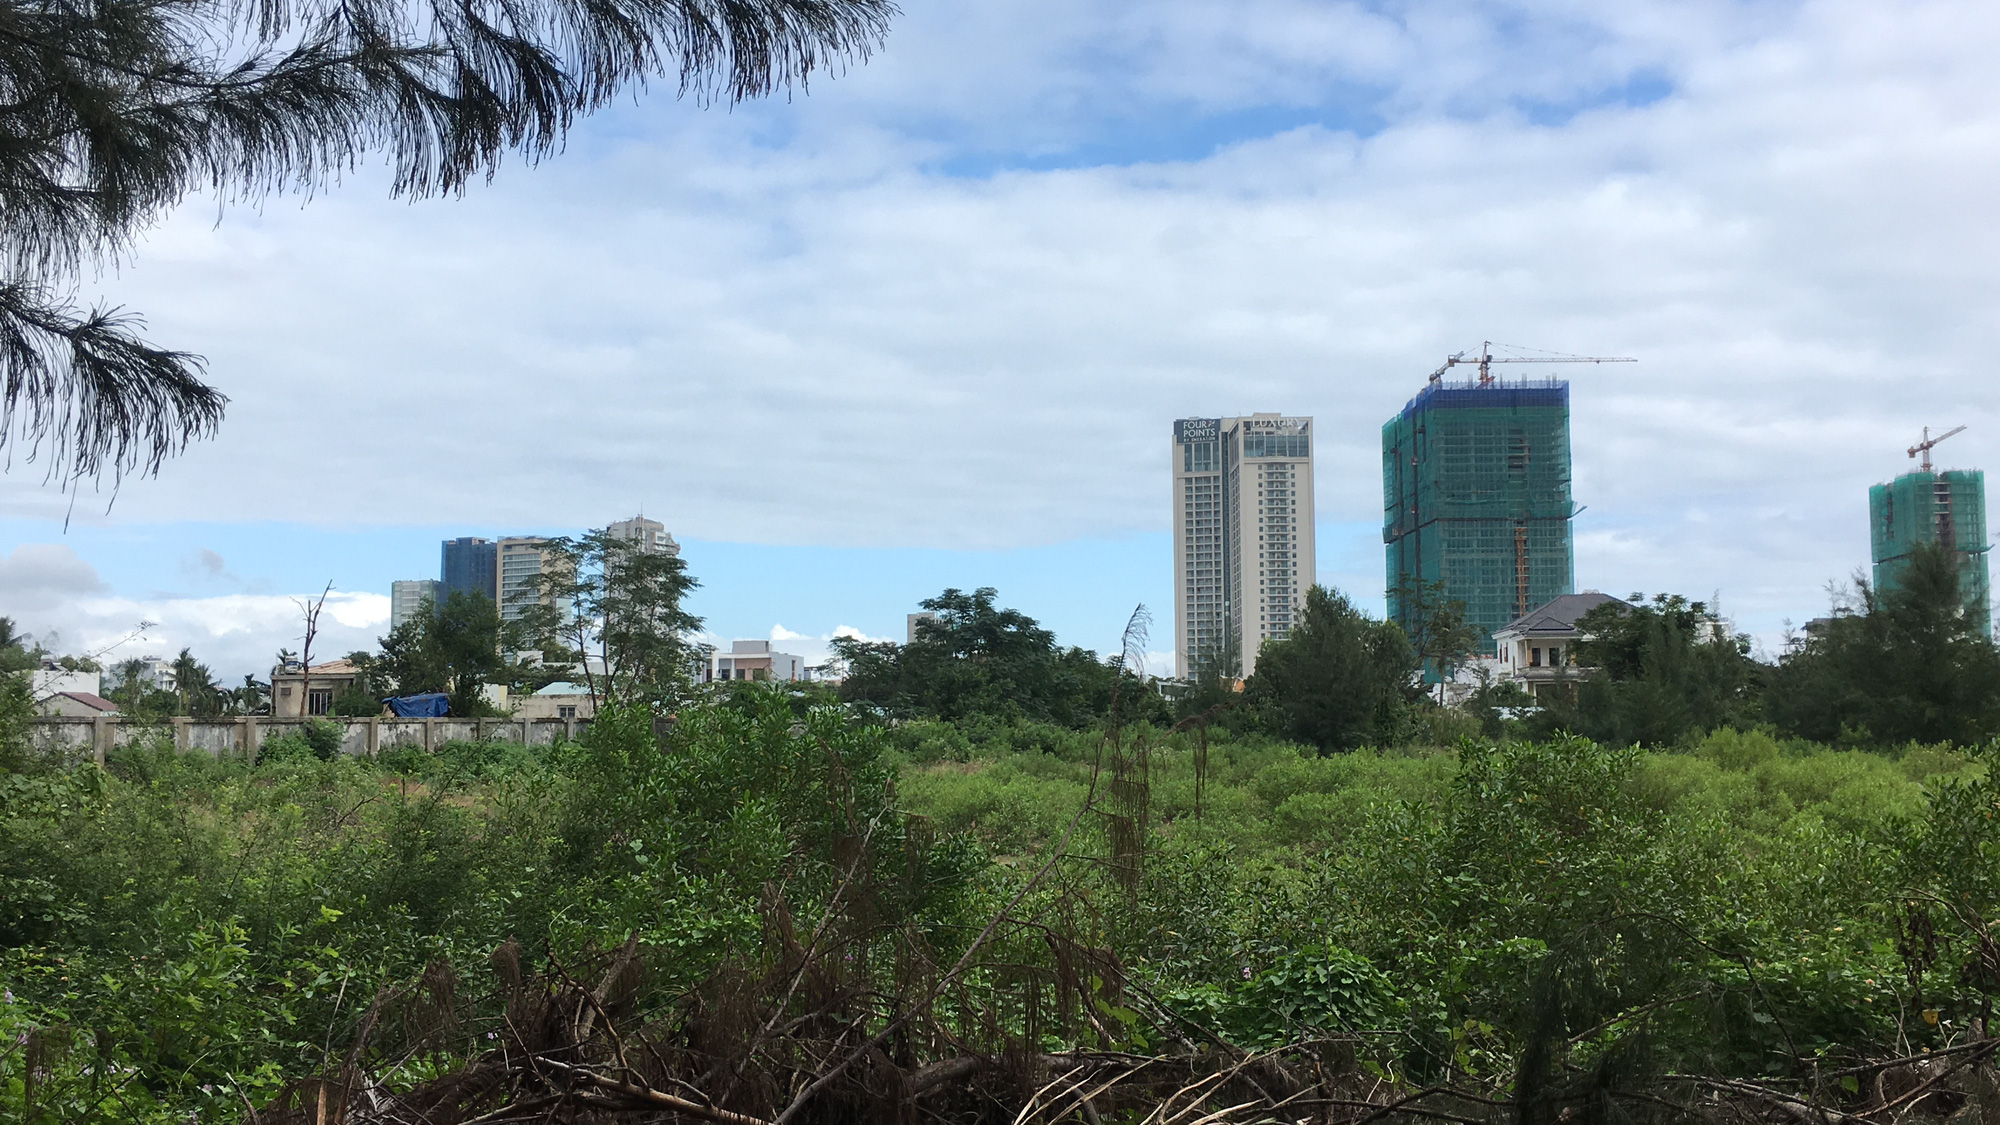 Cận cảnh đất vàng KCN An Đồn, Đà Nẵng làm bệnh viện Nhi 100 triệu đô - Ảnh 11.